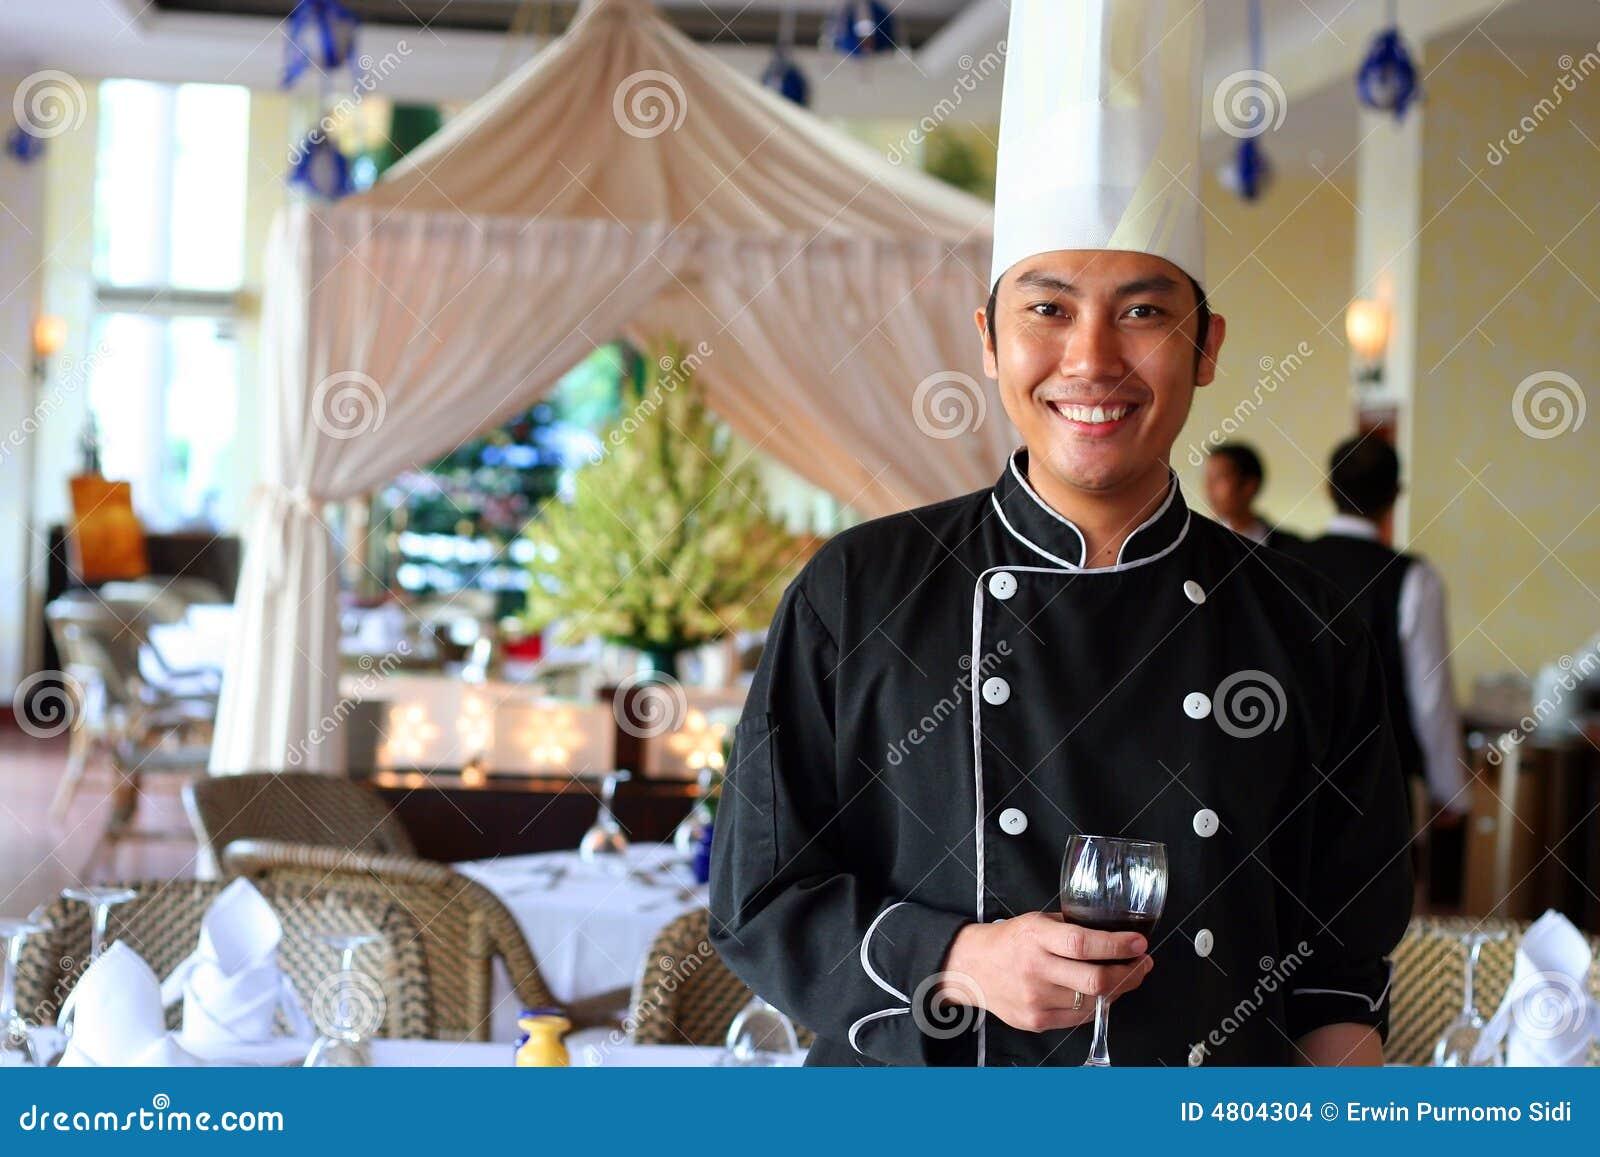 Salut de chef au restaurant